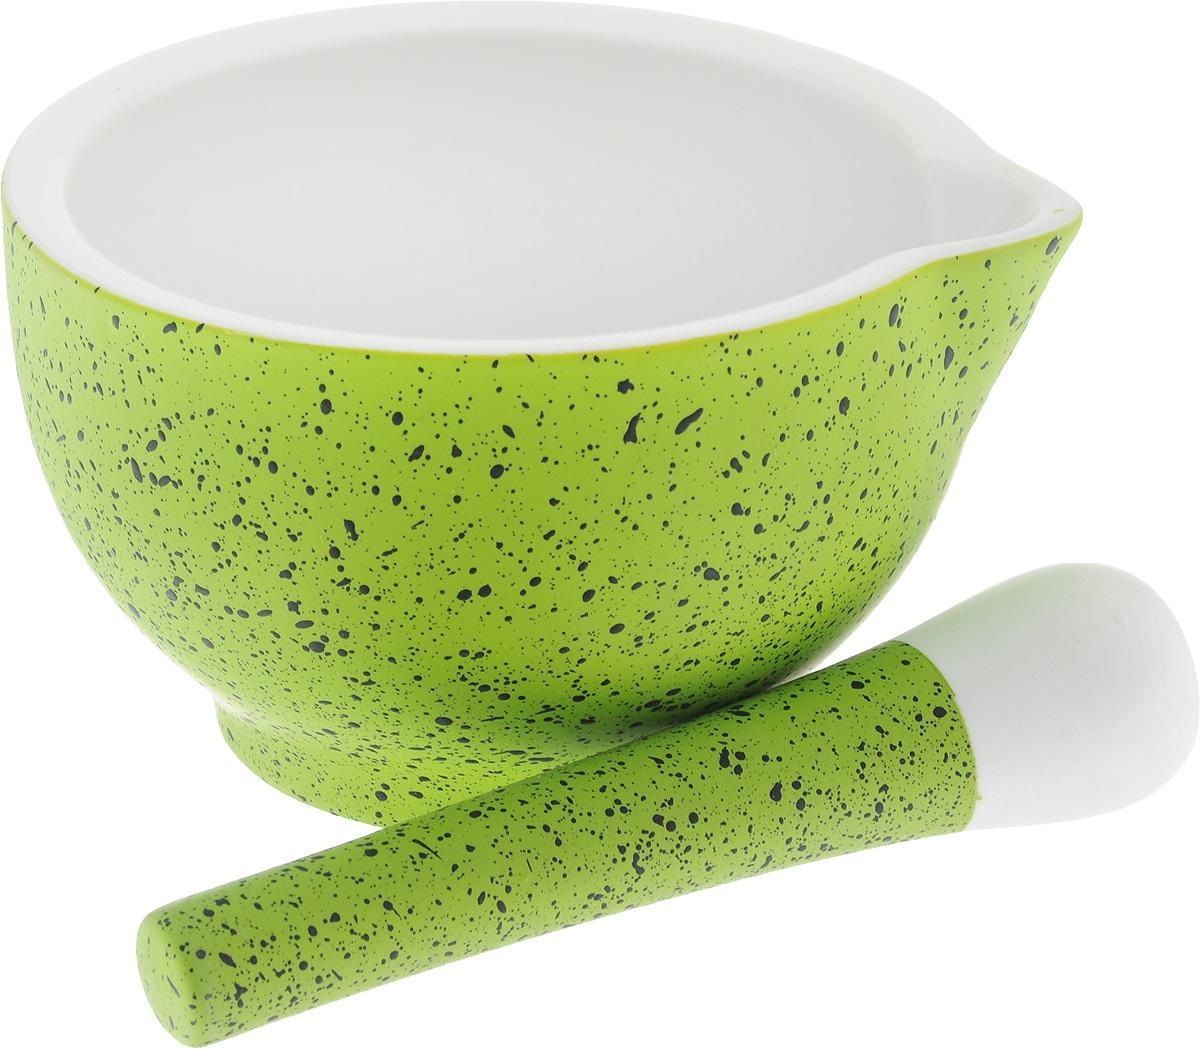 Ступка с пестиком BartonSteel, цвет: салатовый, белый. 1201BS1201BS_салатовыйСтупка с пестиком BartonSteel выполнены из высококачественного фарфора. Внешние стенки ступки и ручка пестика имеют приятное на ощупь прорезиненное покрытие. Внутренняя поверхность ступки и рабочая часть пестика имеют шероховатую поверхность без глазури, что необходимо для эффективного измельчения. Ступка дополнительно снабжена носиком. Изделия предназначены для измельчения различных специй и трав, орехов, чеснока, каперсов и многого другого. С таким набором вы с легкостью добьетесь необходимой вам степени измельчения. Предметы можно мыть в посудомоечной машине. Диаметр ступки: 15 см. Высота ступки: 8,5 см. Длина пестика: 15 см.